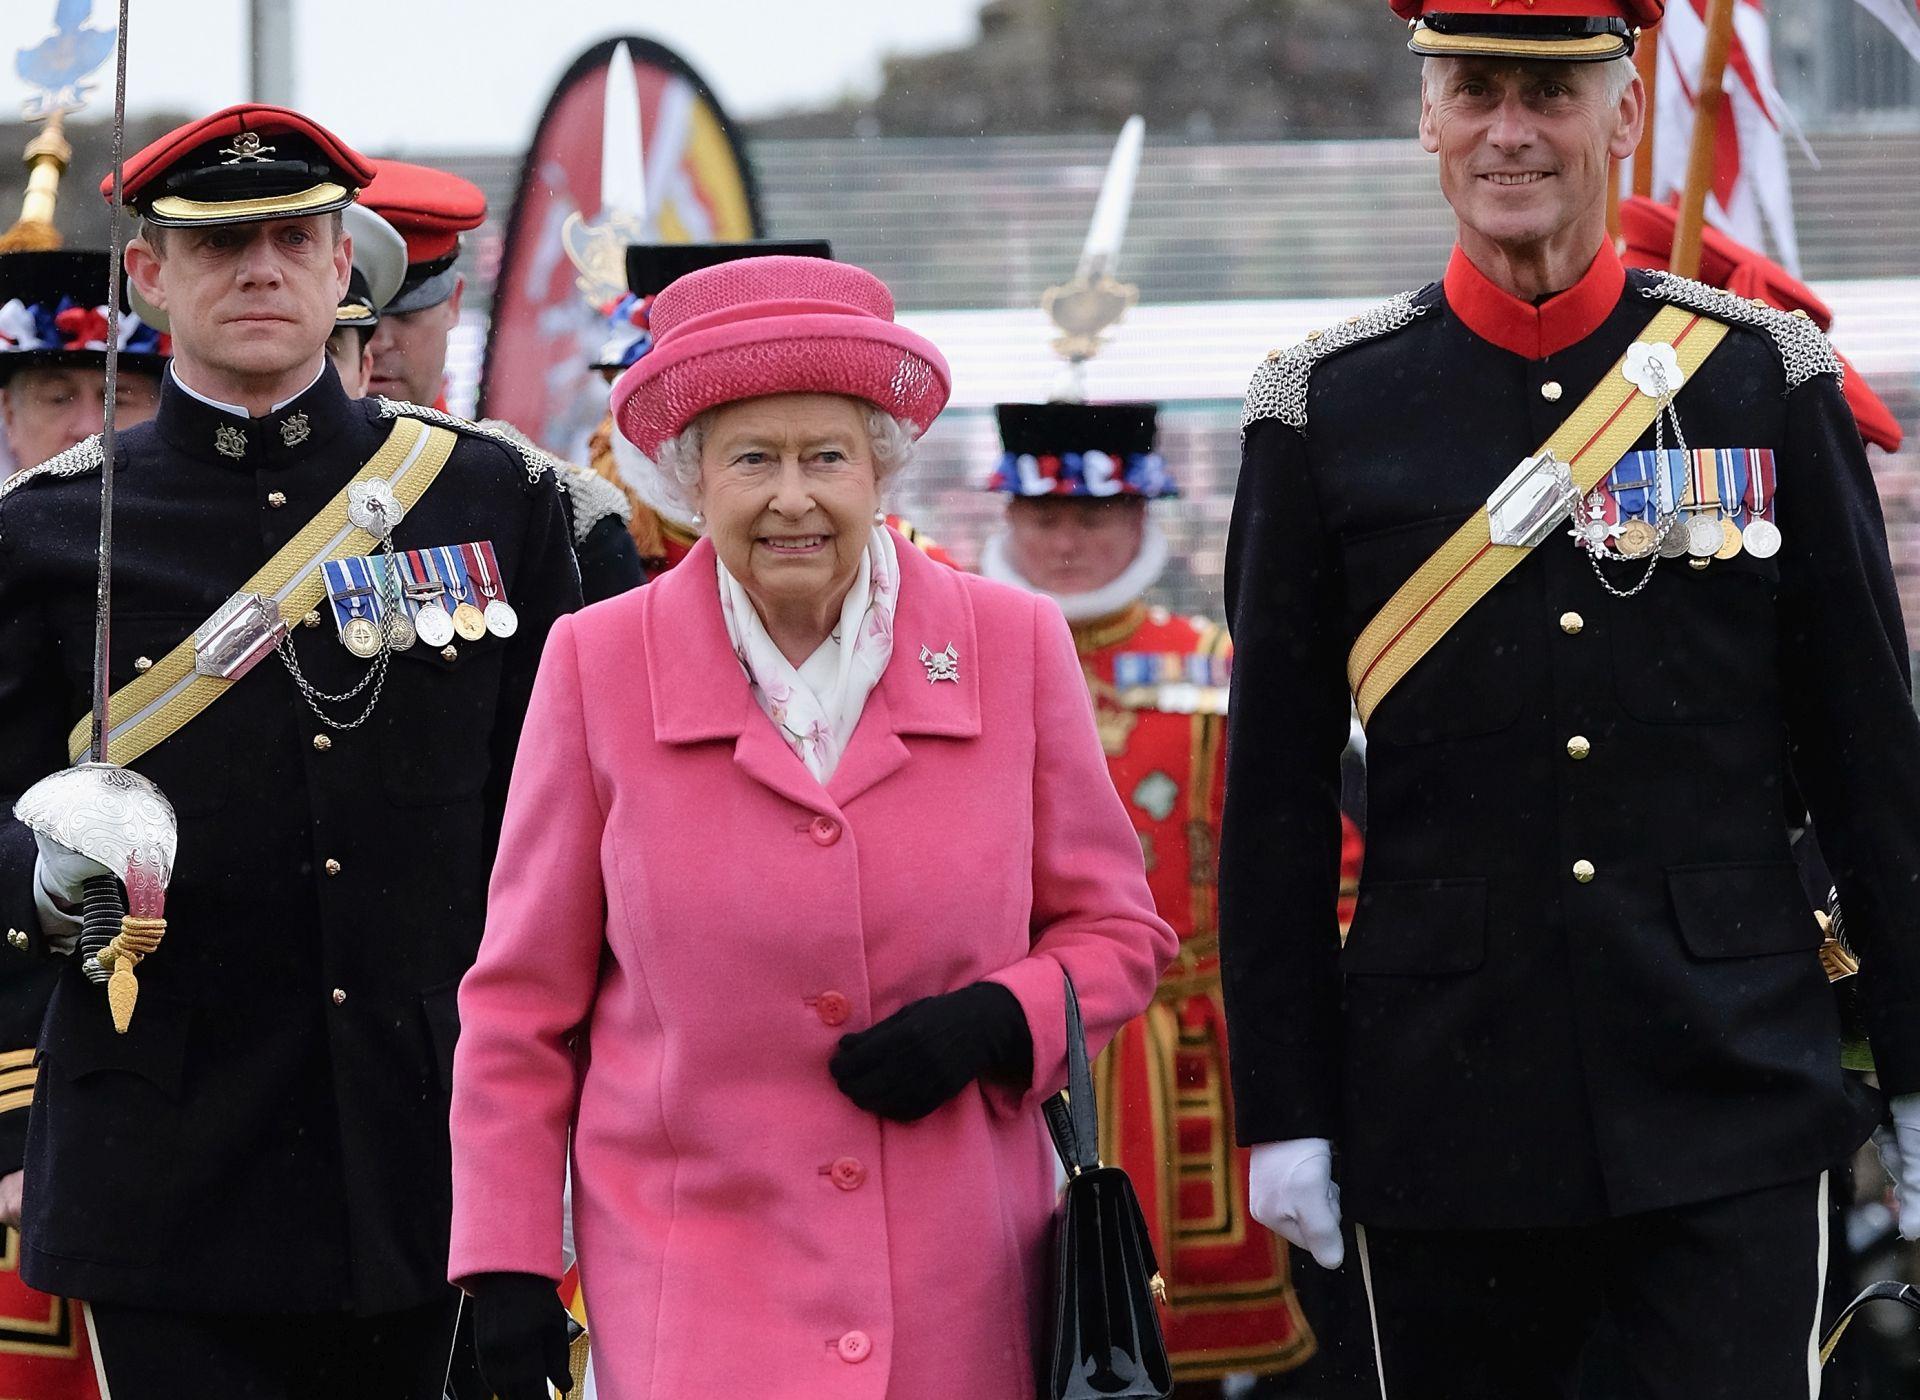 Kraljica Elizabeta II. obara rekord kraljice Viktorije